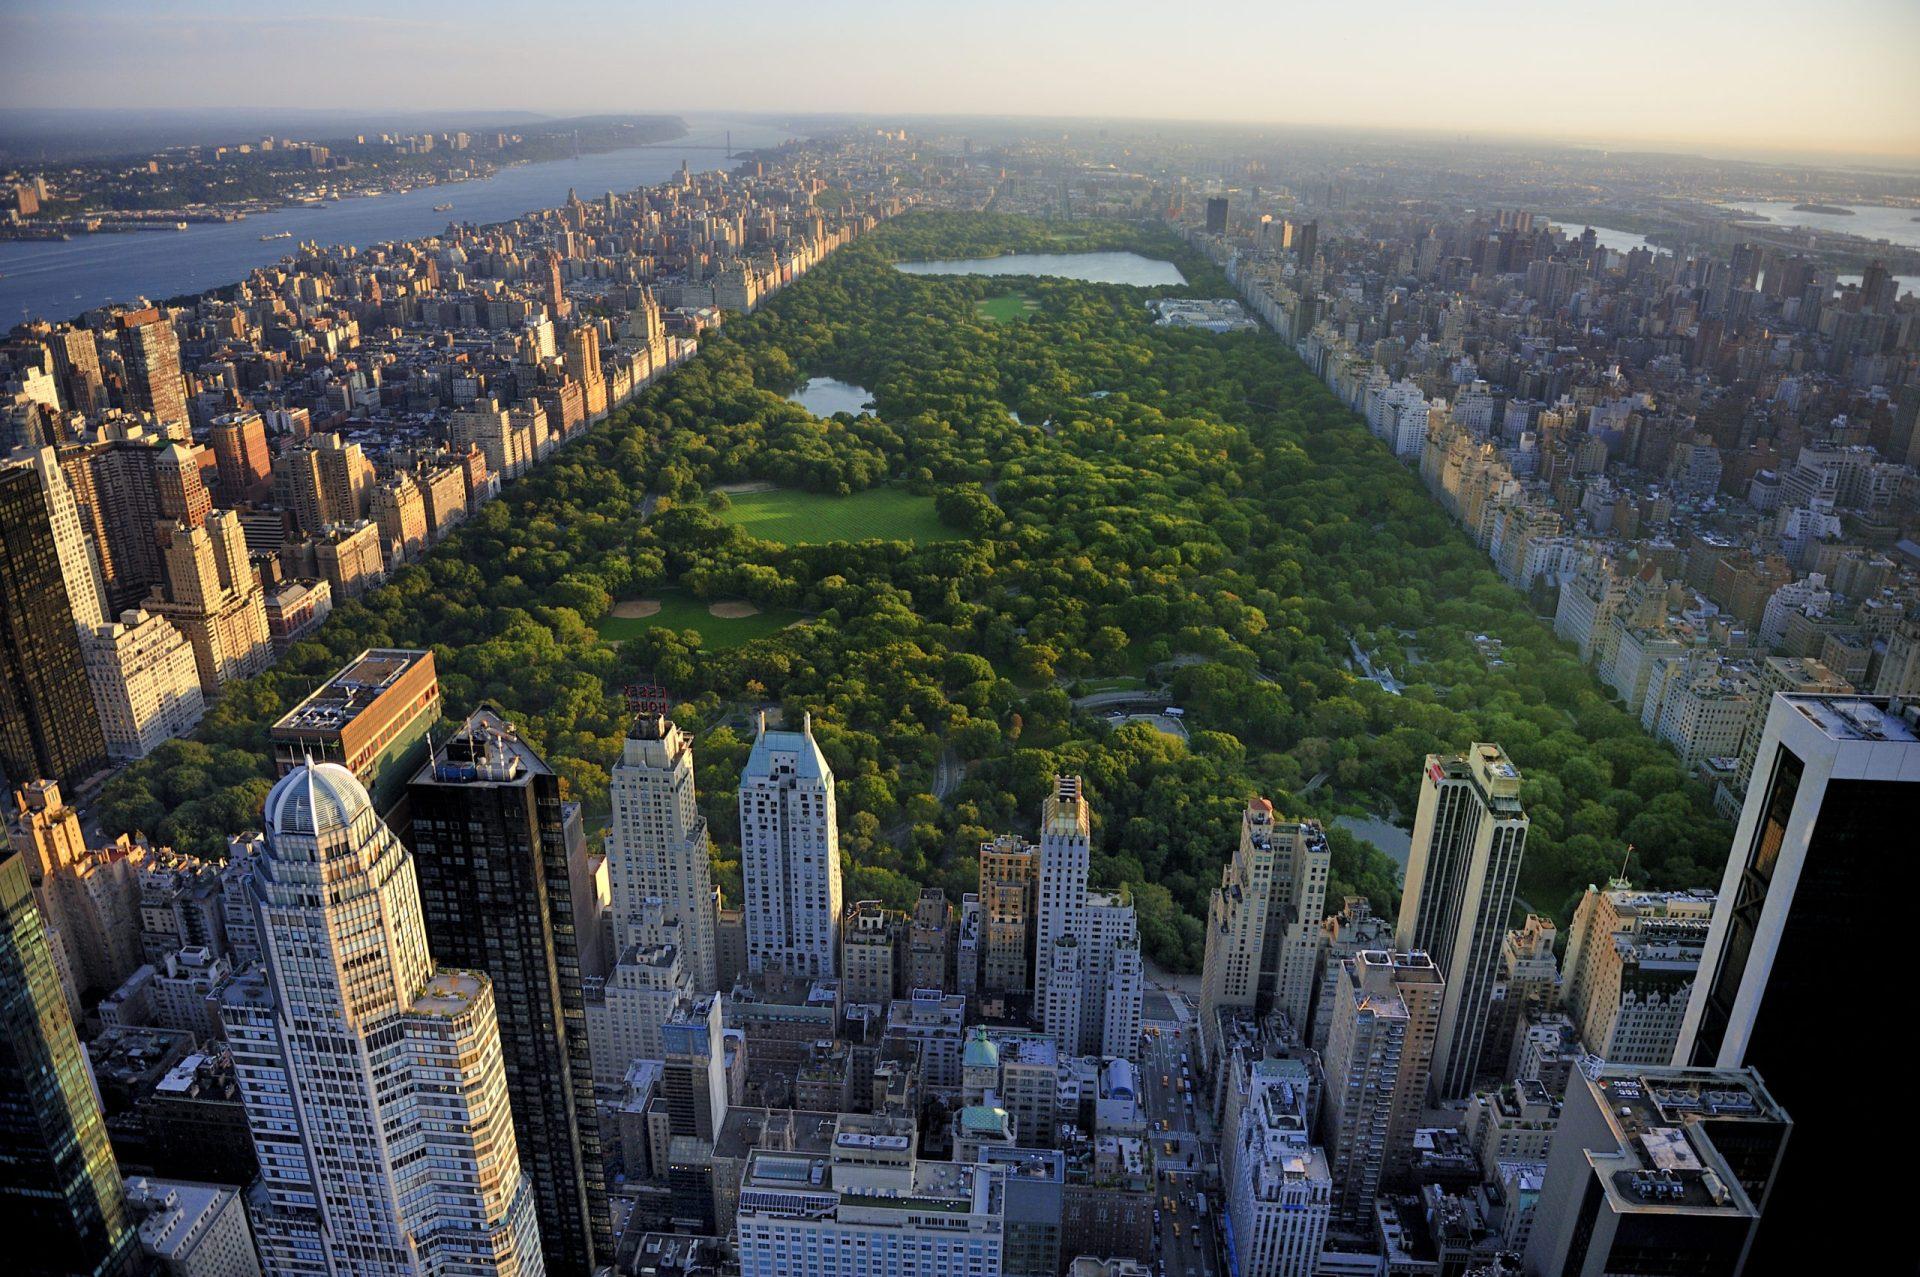 Yabancı Alıcılar için New York Şehri'nde Emlak